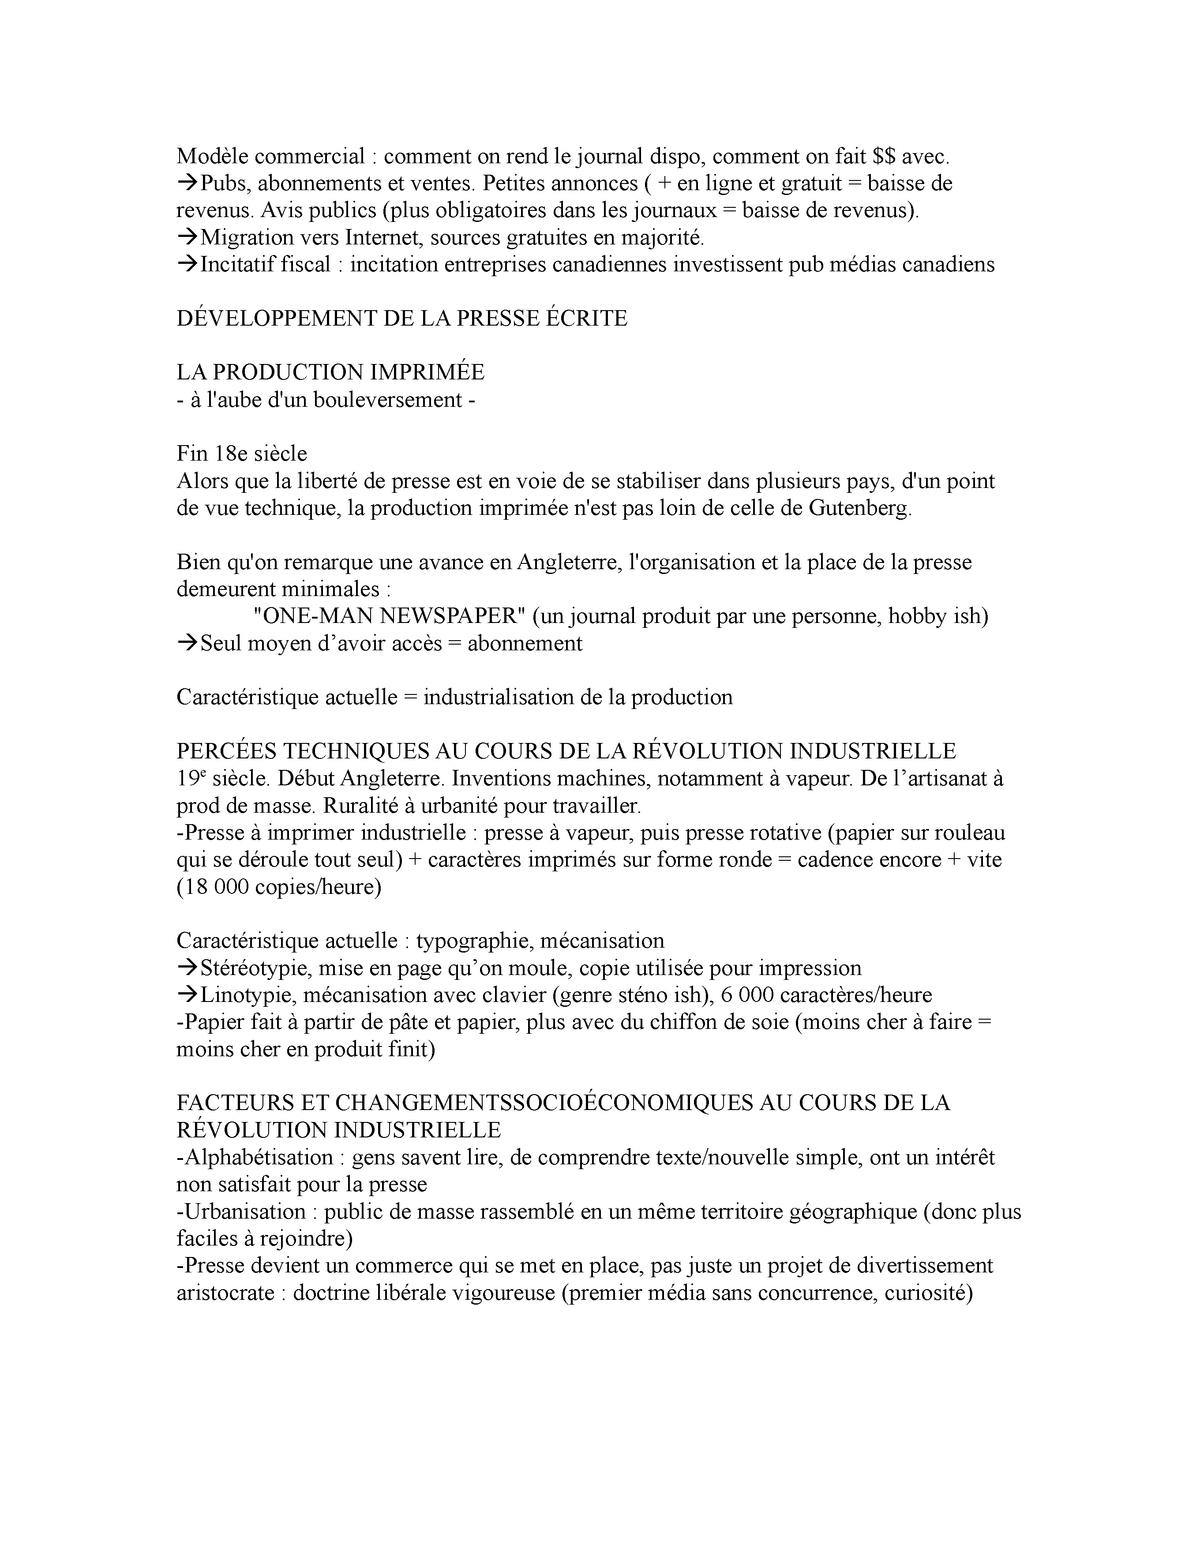 Cours 3 Presse Imprimee 18e Siecle Et Apres Revolution Industrielle Facteurs Socioeconomiques Studocu